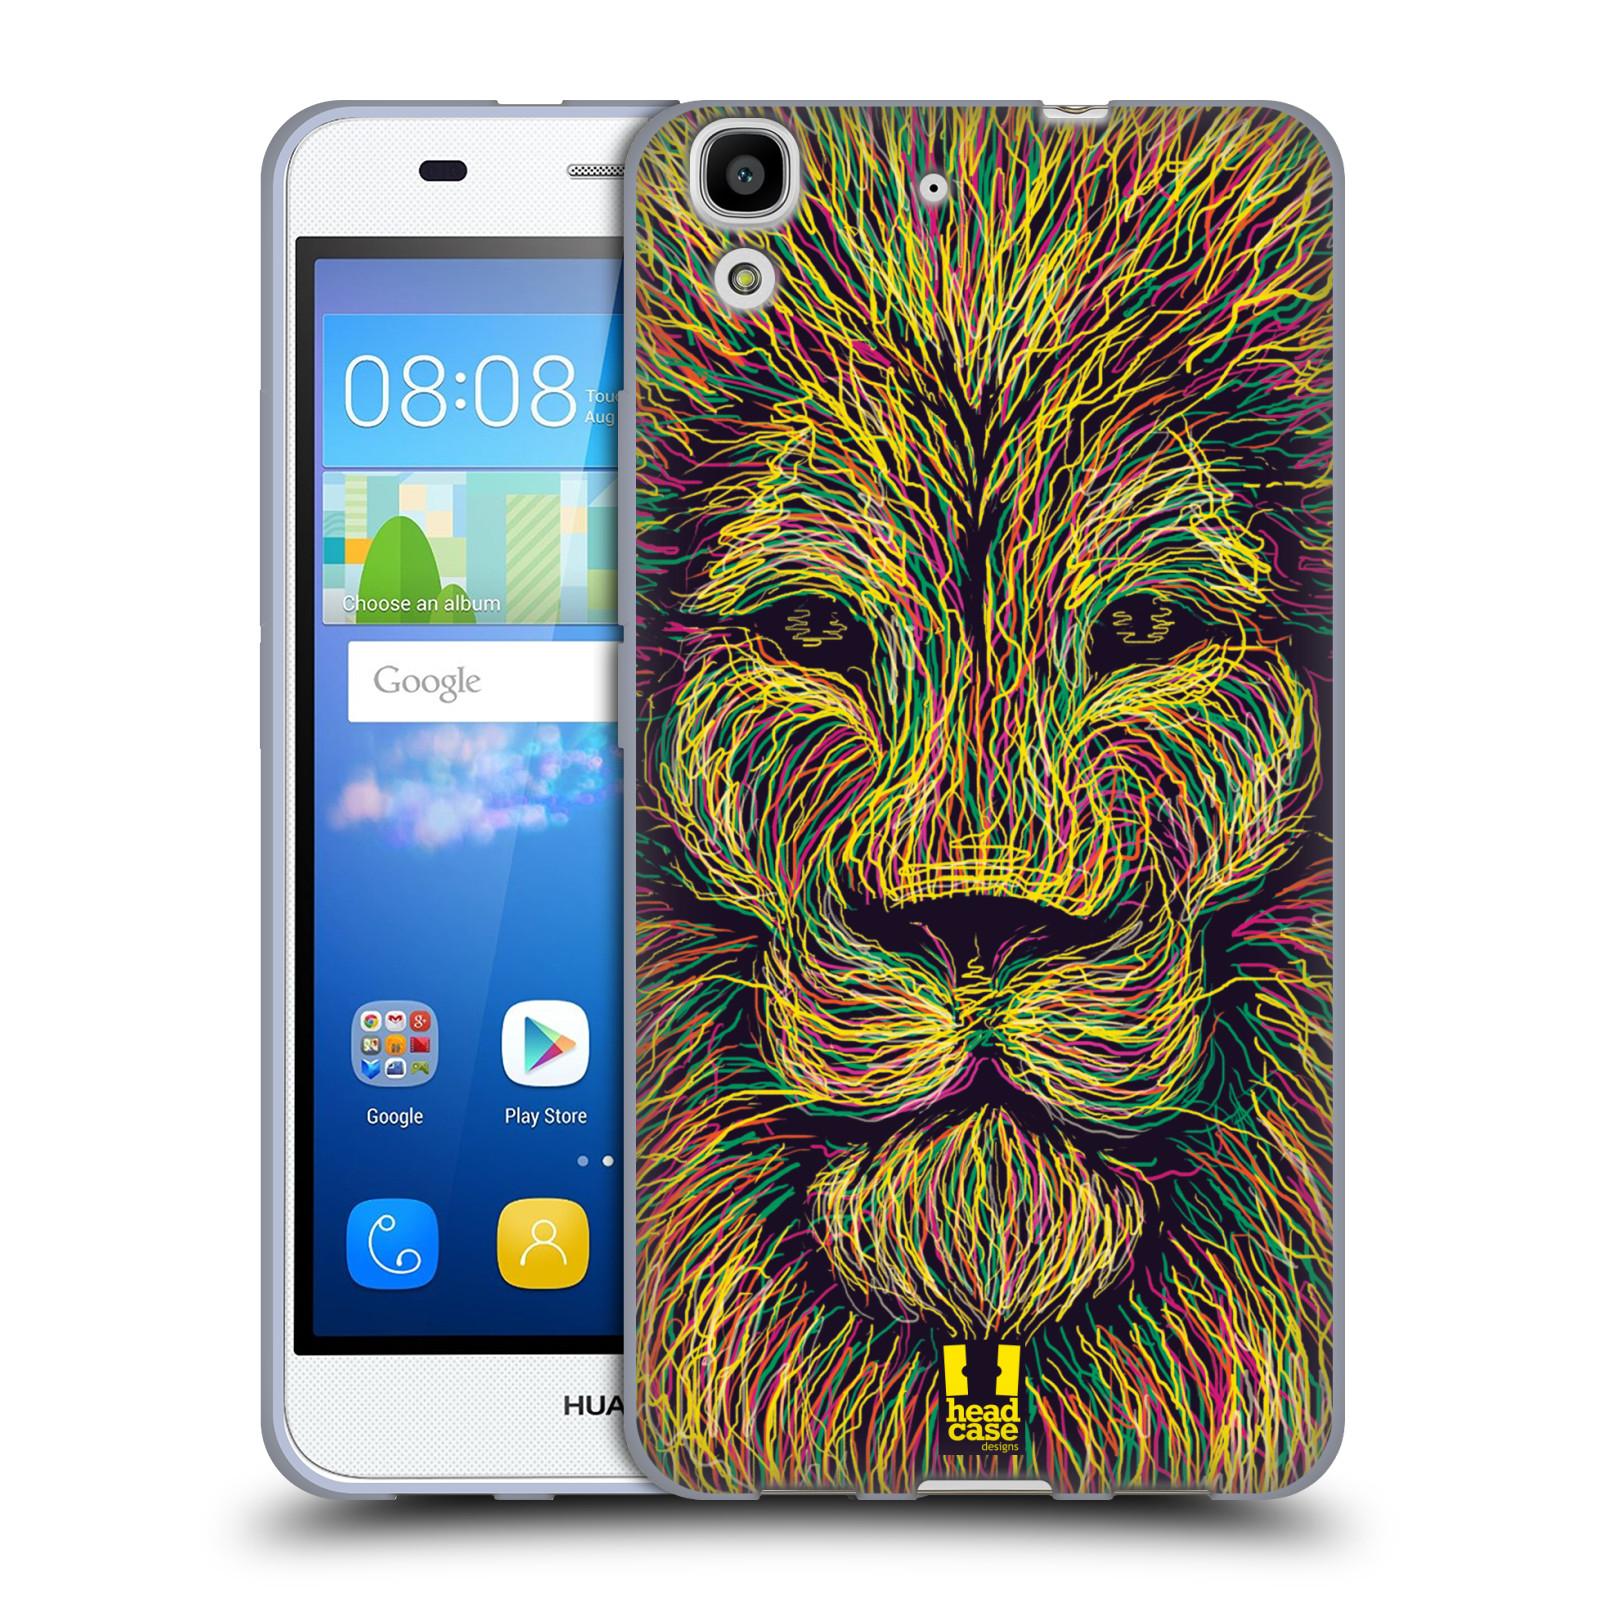 HEAD CASE silikonový obal na mobil HUAWEI Y6 vzor zvíře čmáranice lev